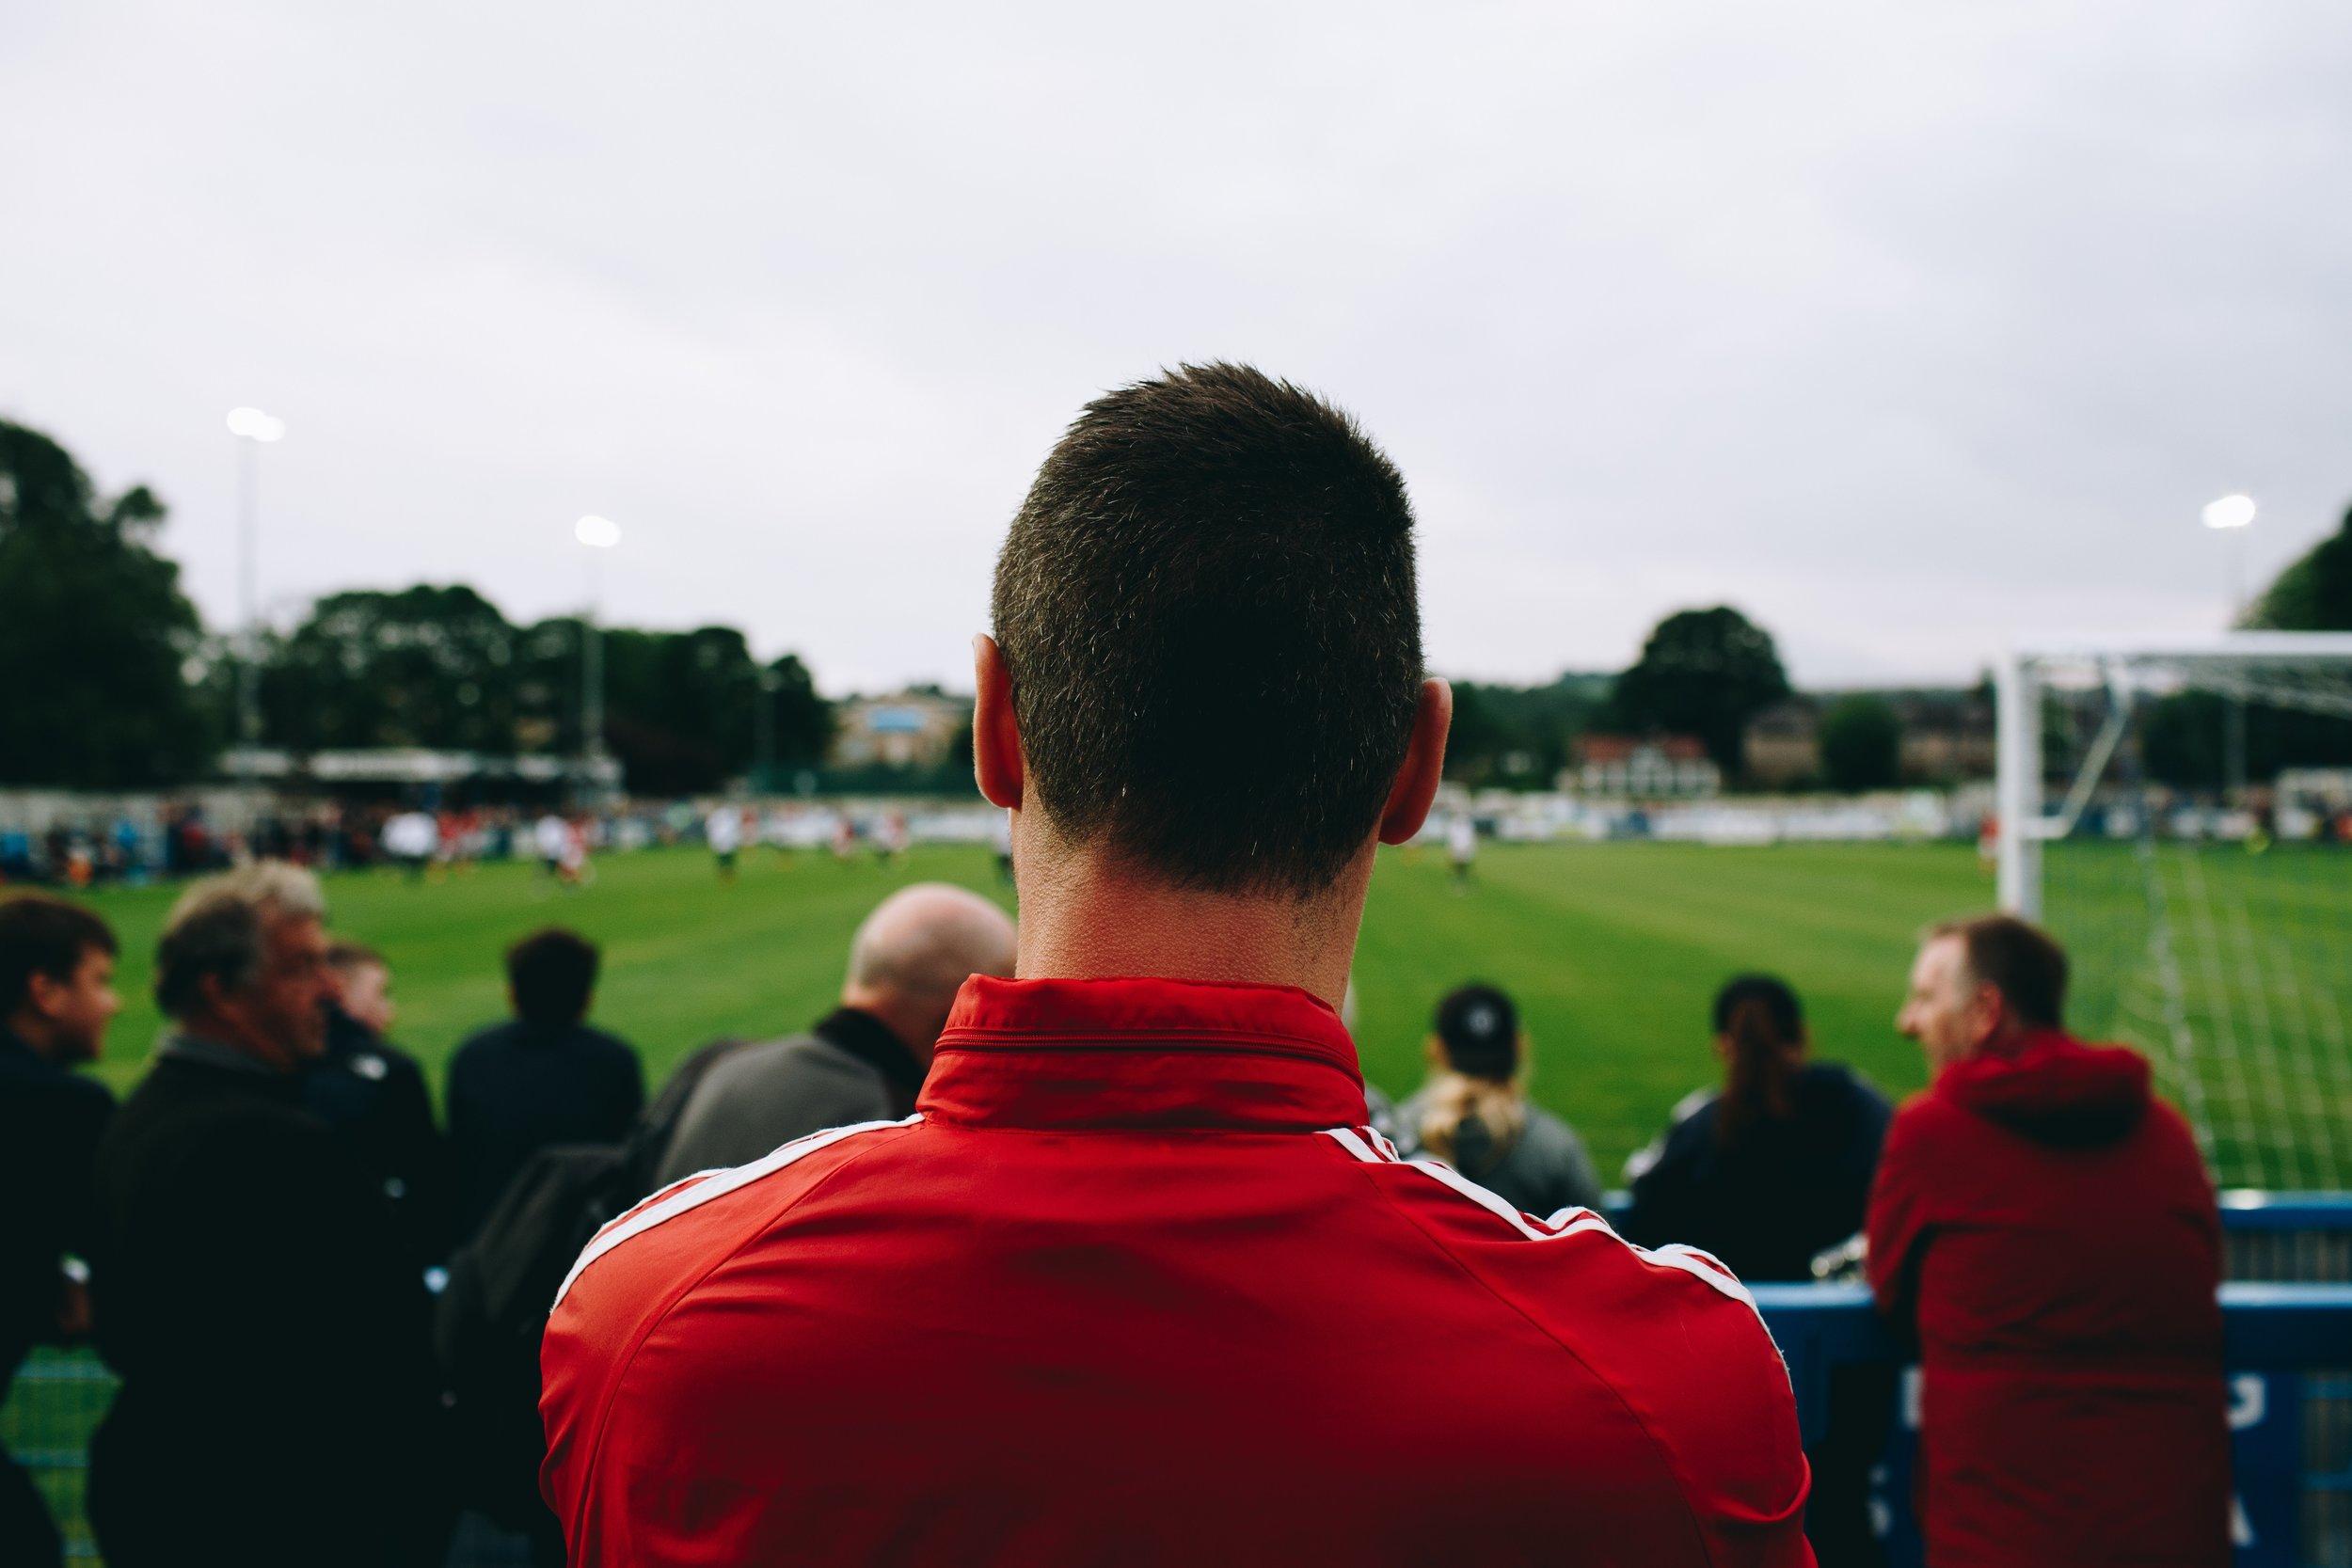 Football fan in UK